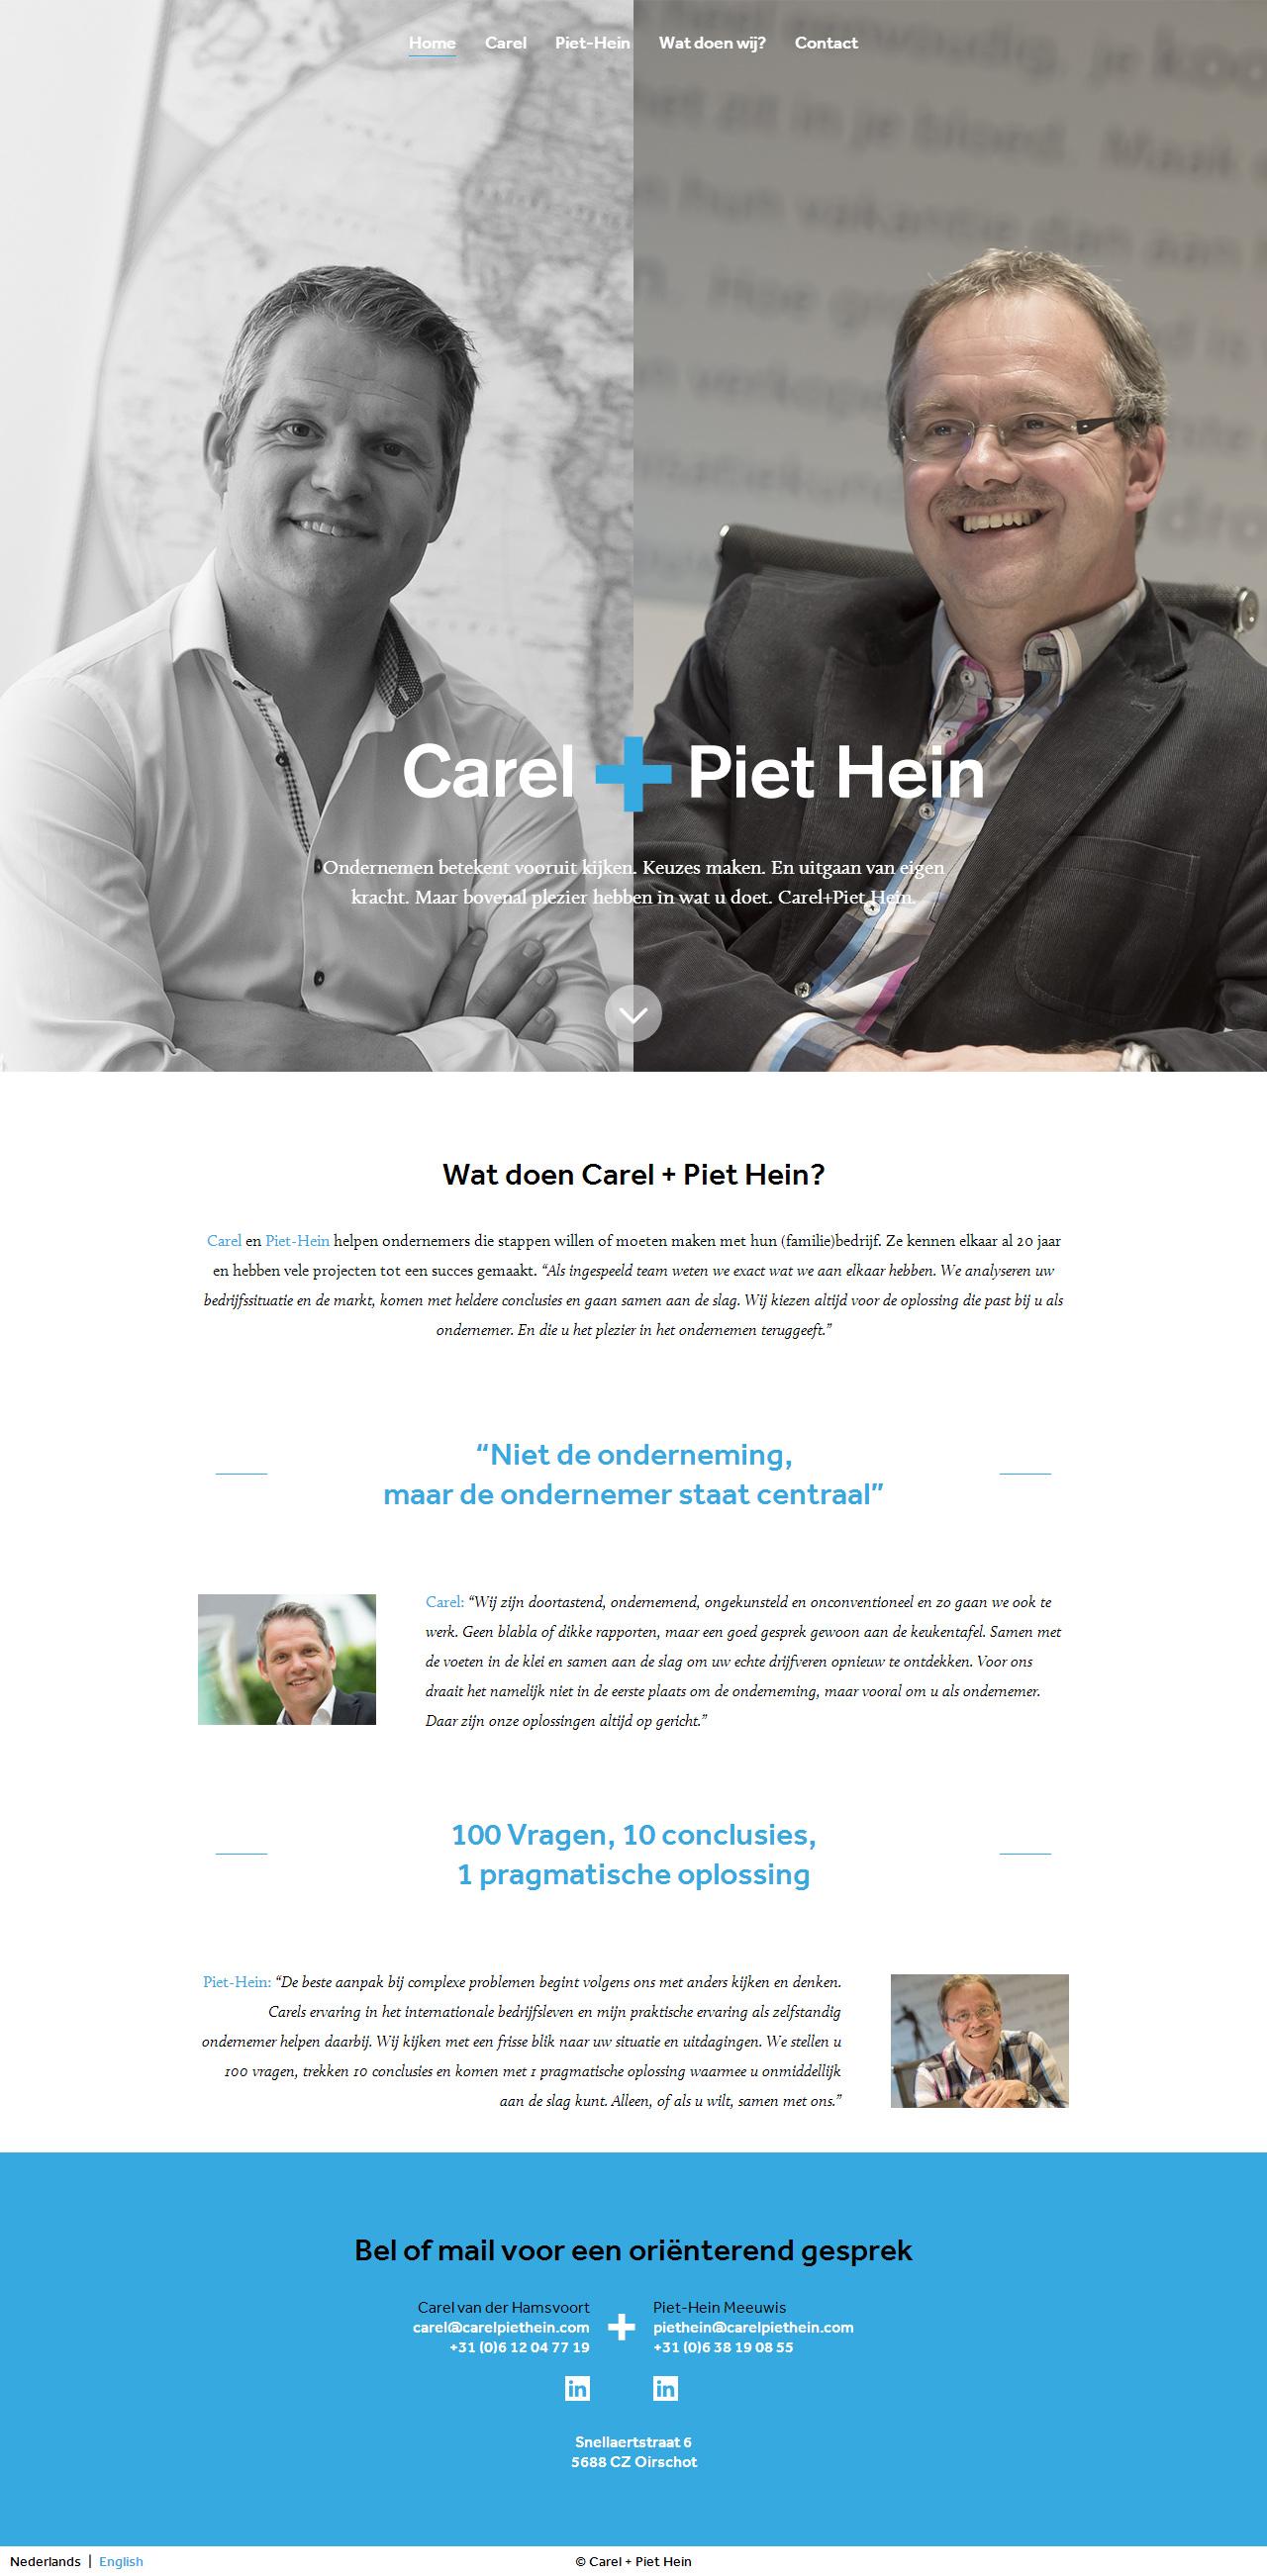 Carel + Piet Hein Website Screenshot